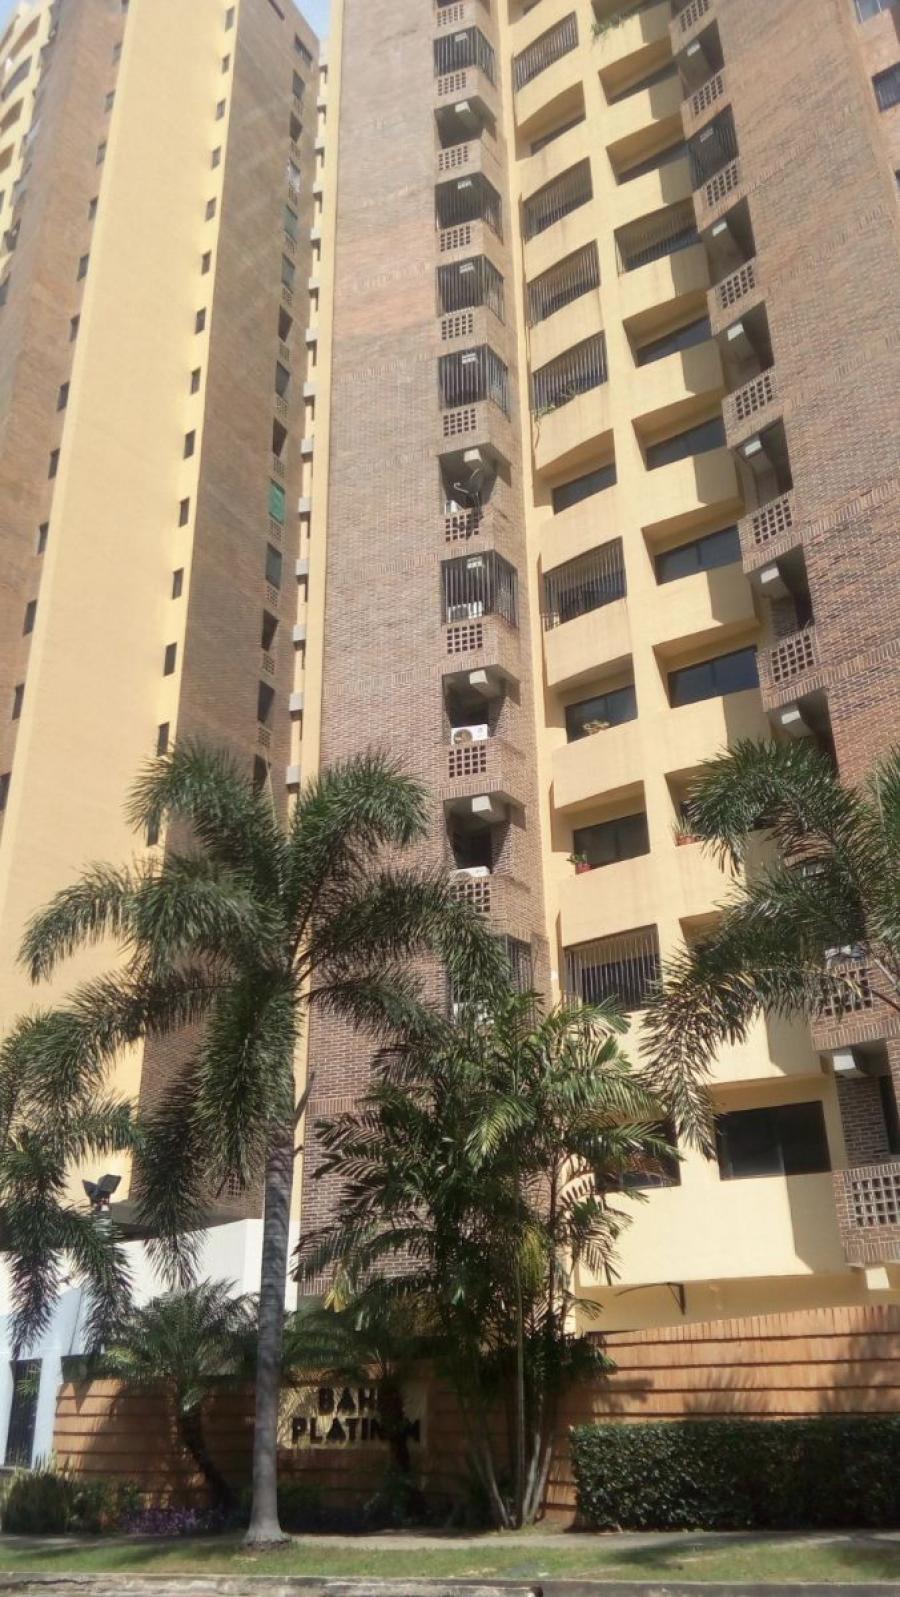 Foto Apartamento en Venta en La Trigale�a, Valencia, Carabobo - 81 m2 - BsF 40.000 - APV122704 - BienesOnLine